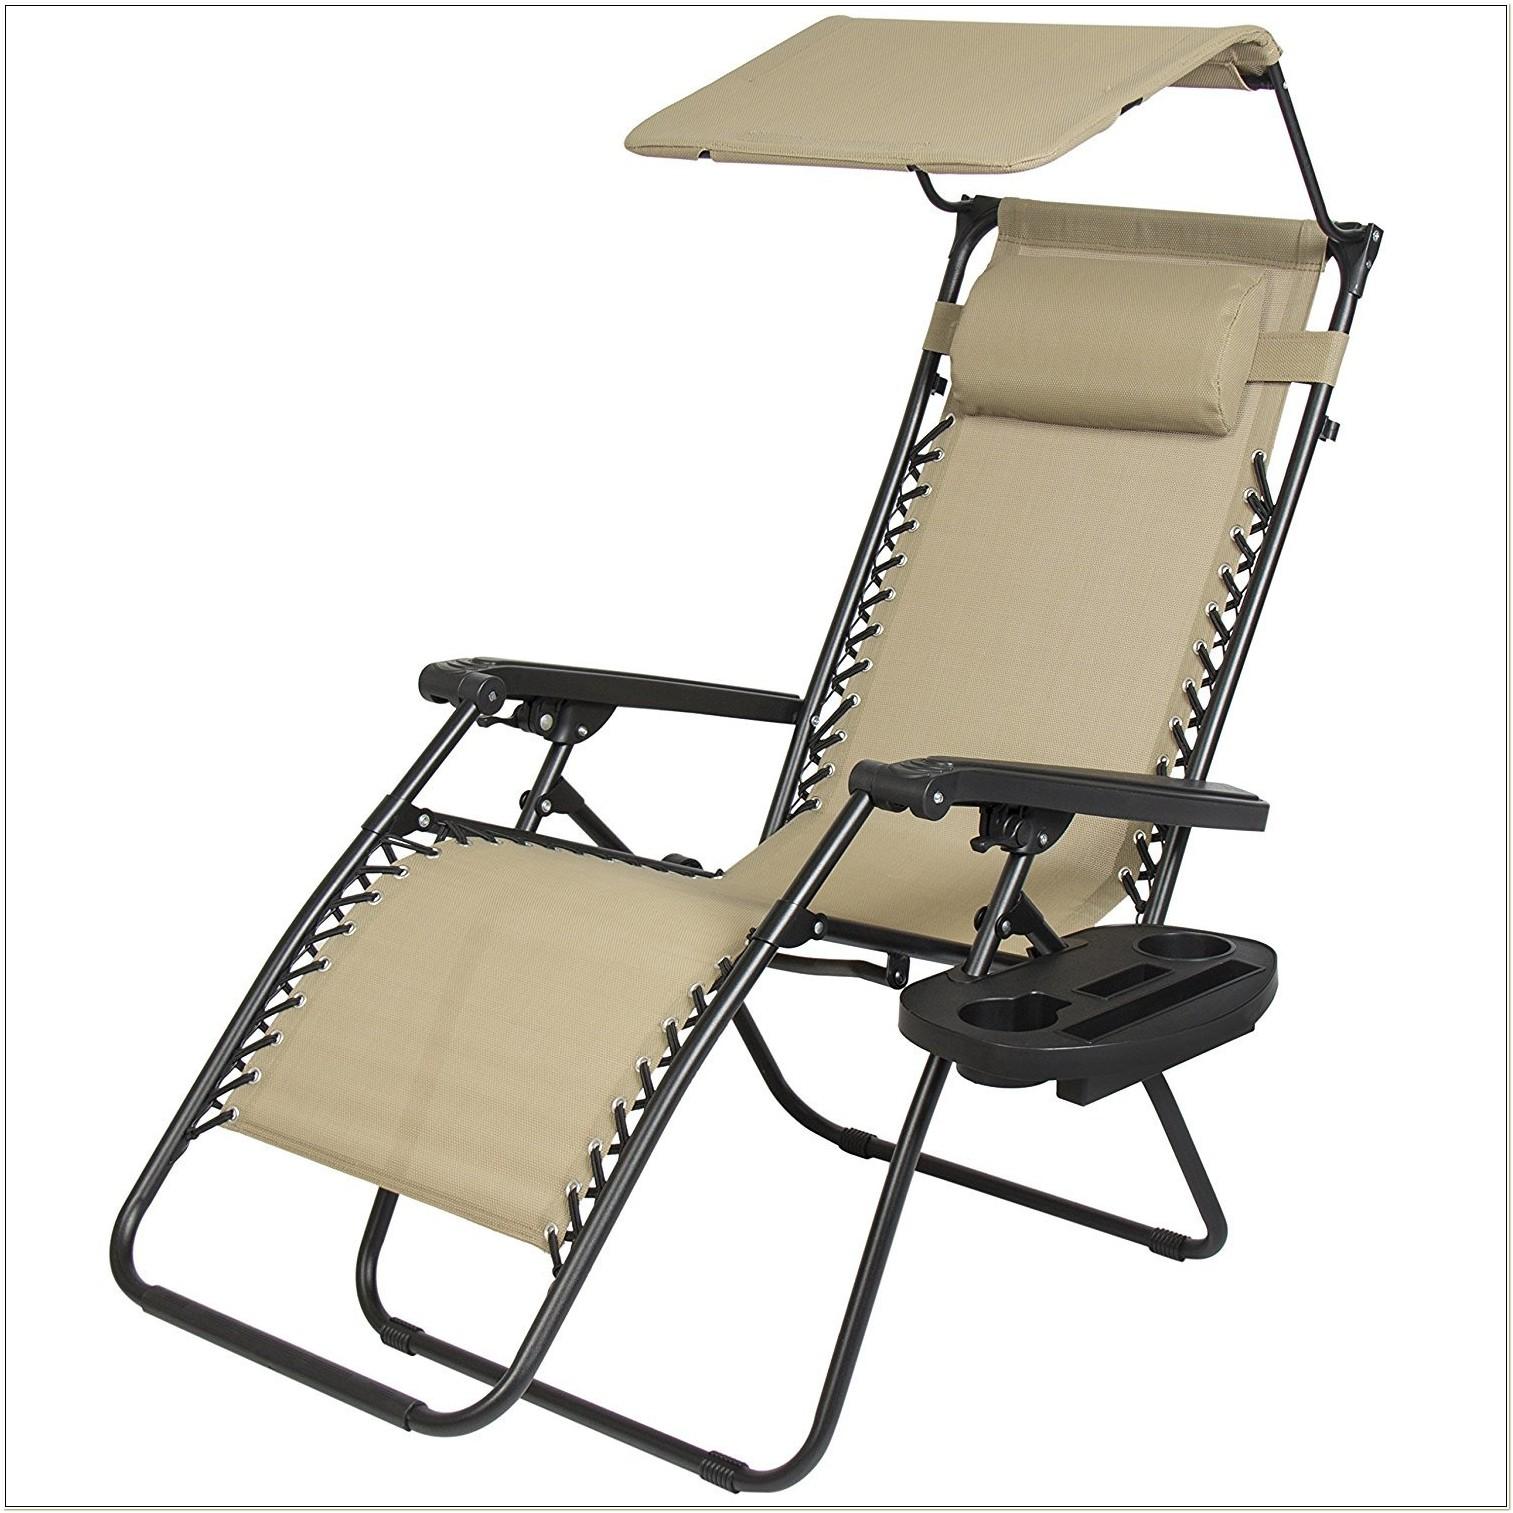 Zero Gravity Lounge Chair With Sunshade